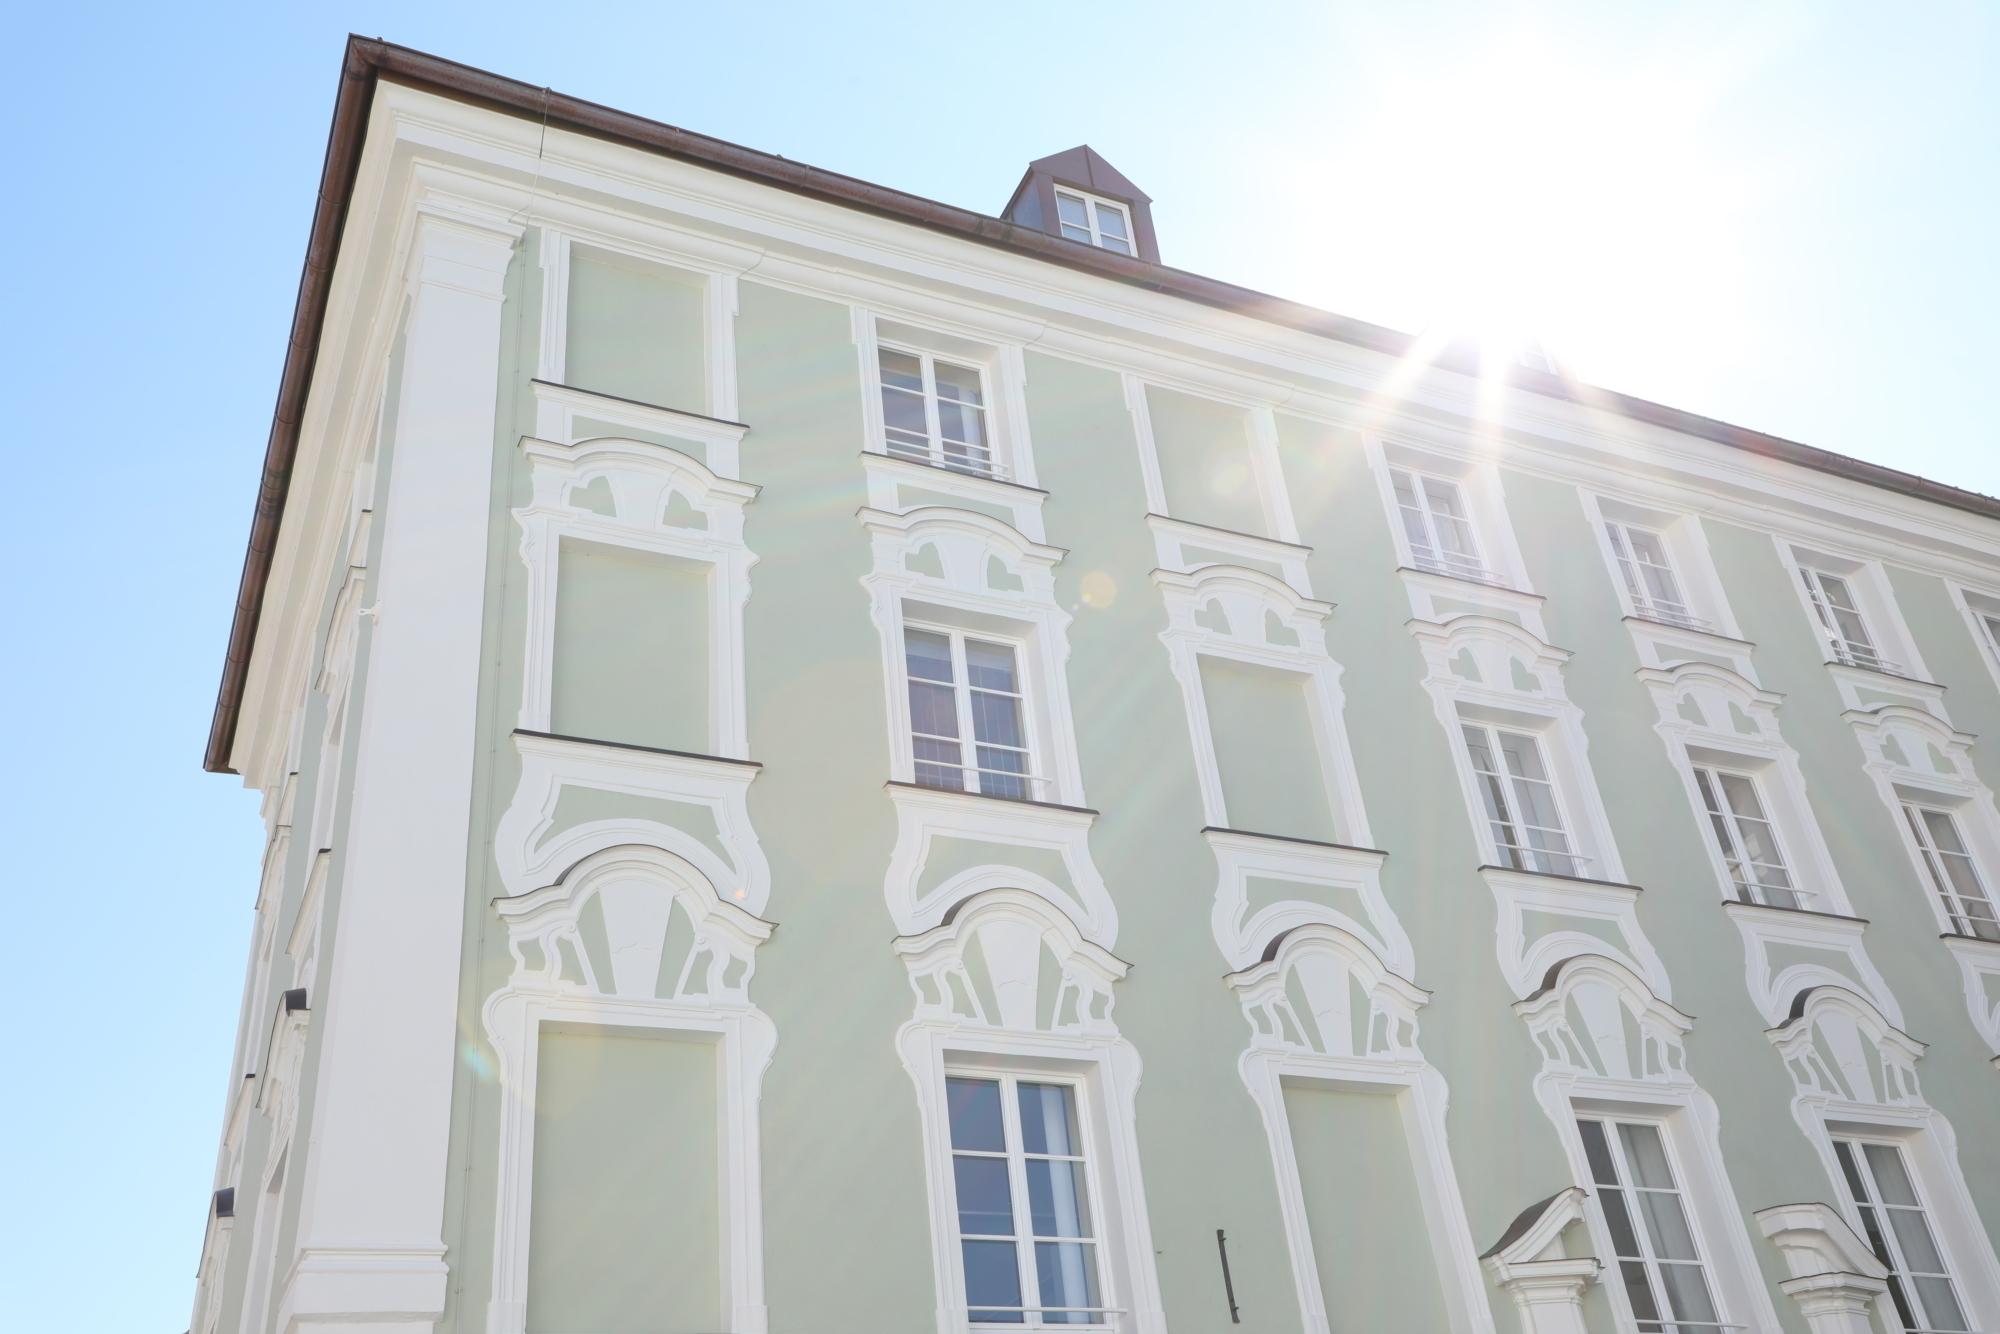 St Max Passau Stefanie Hintermayr